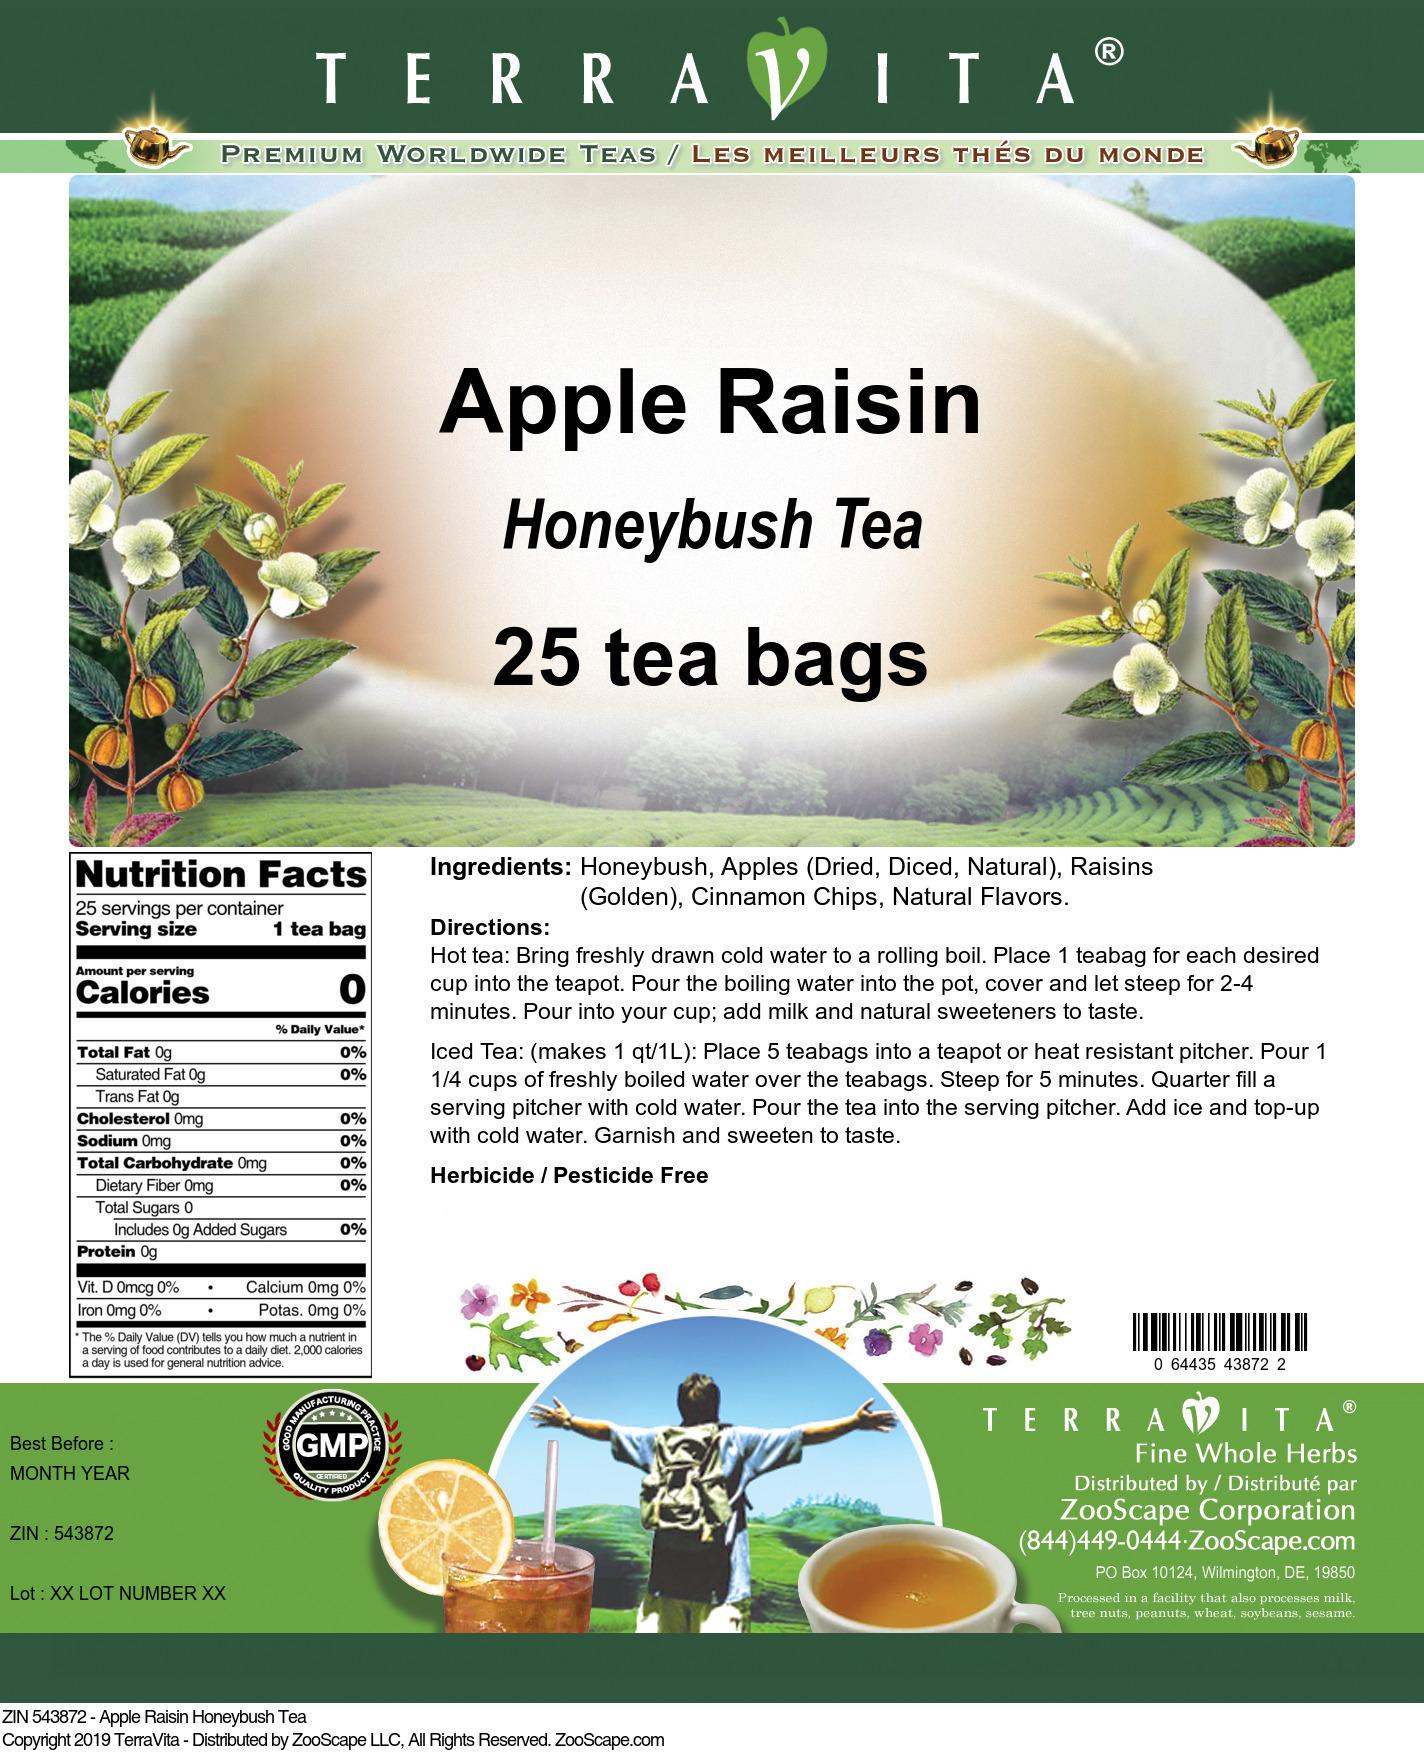 Apple Raisin Honeybush Tea